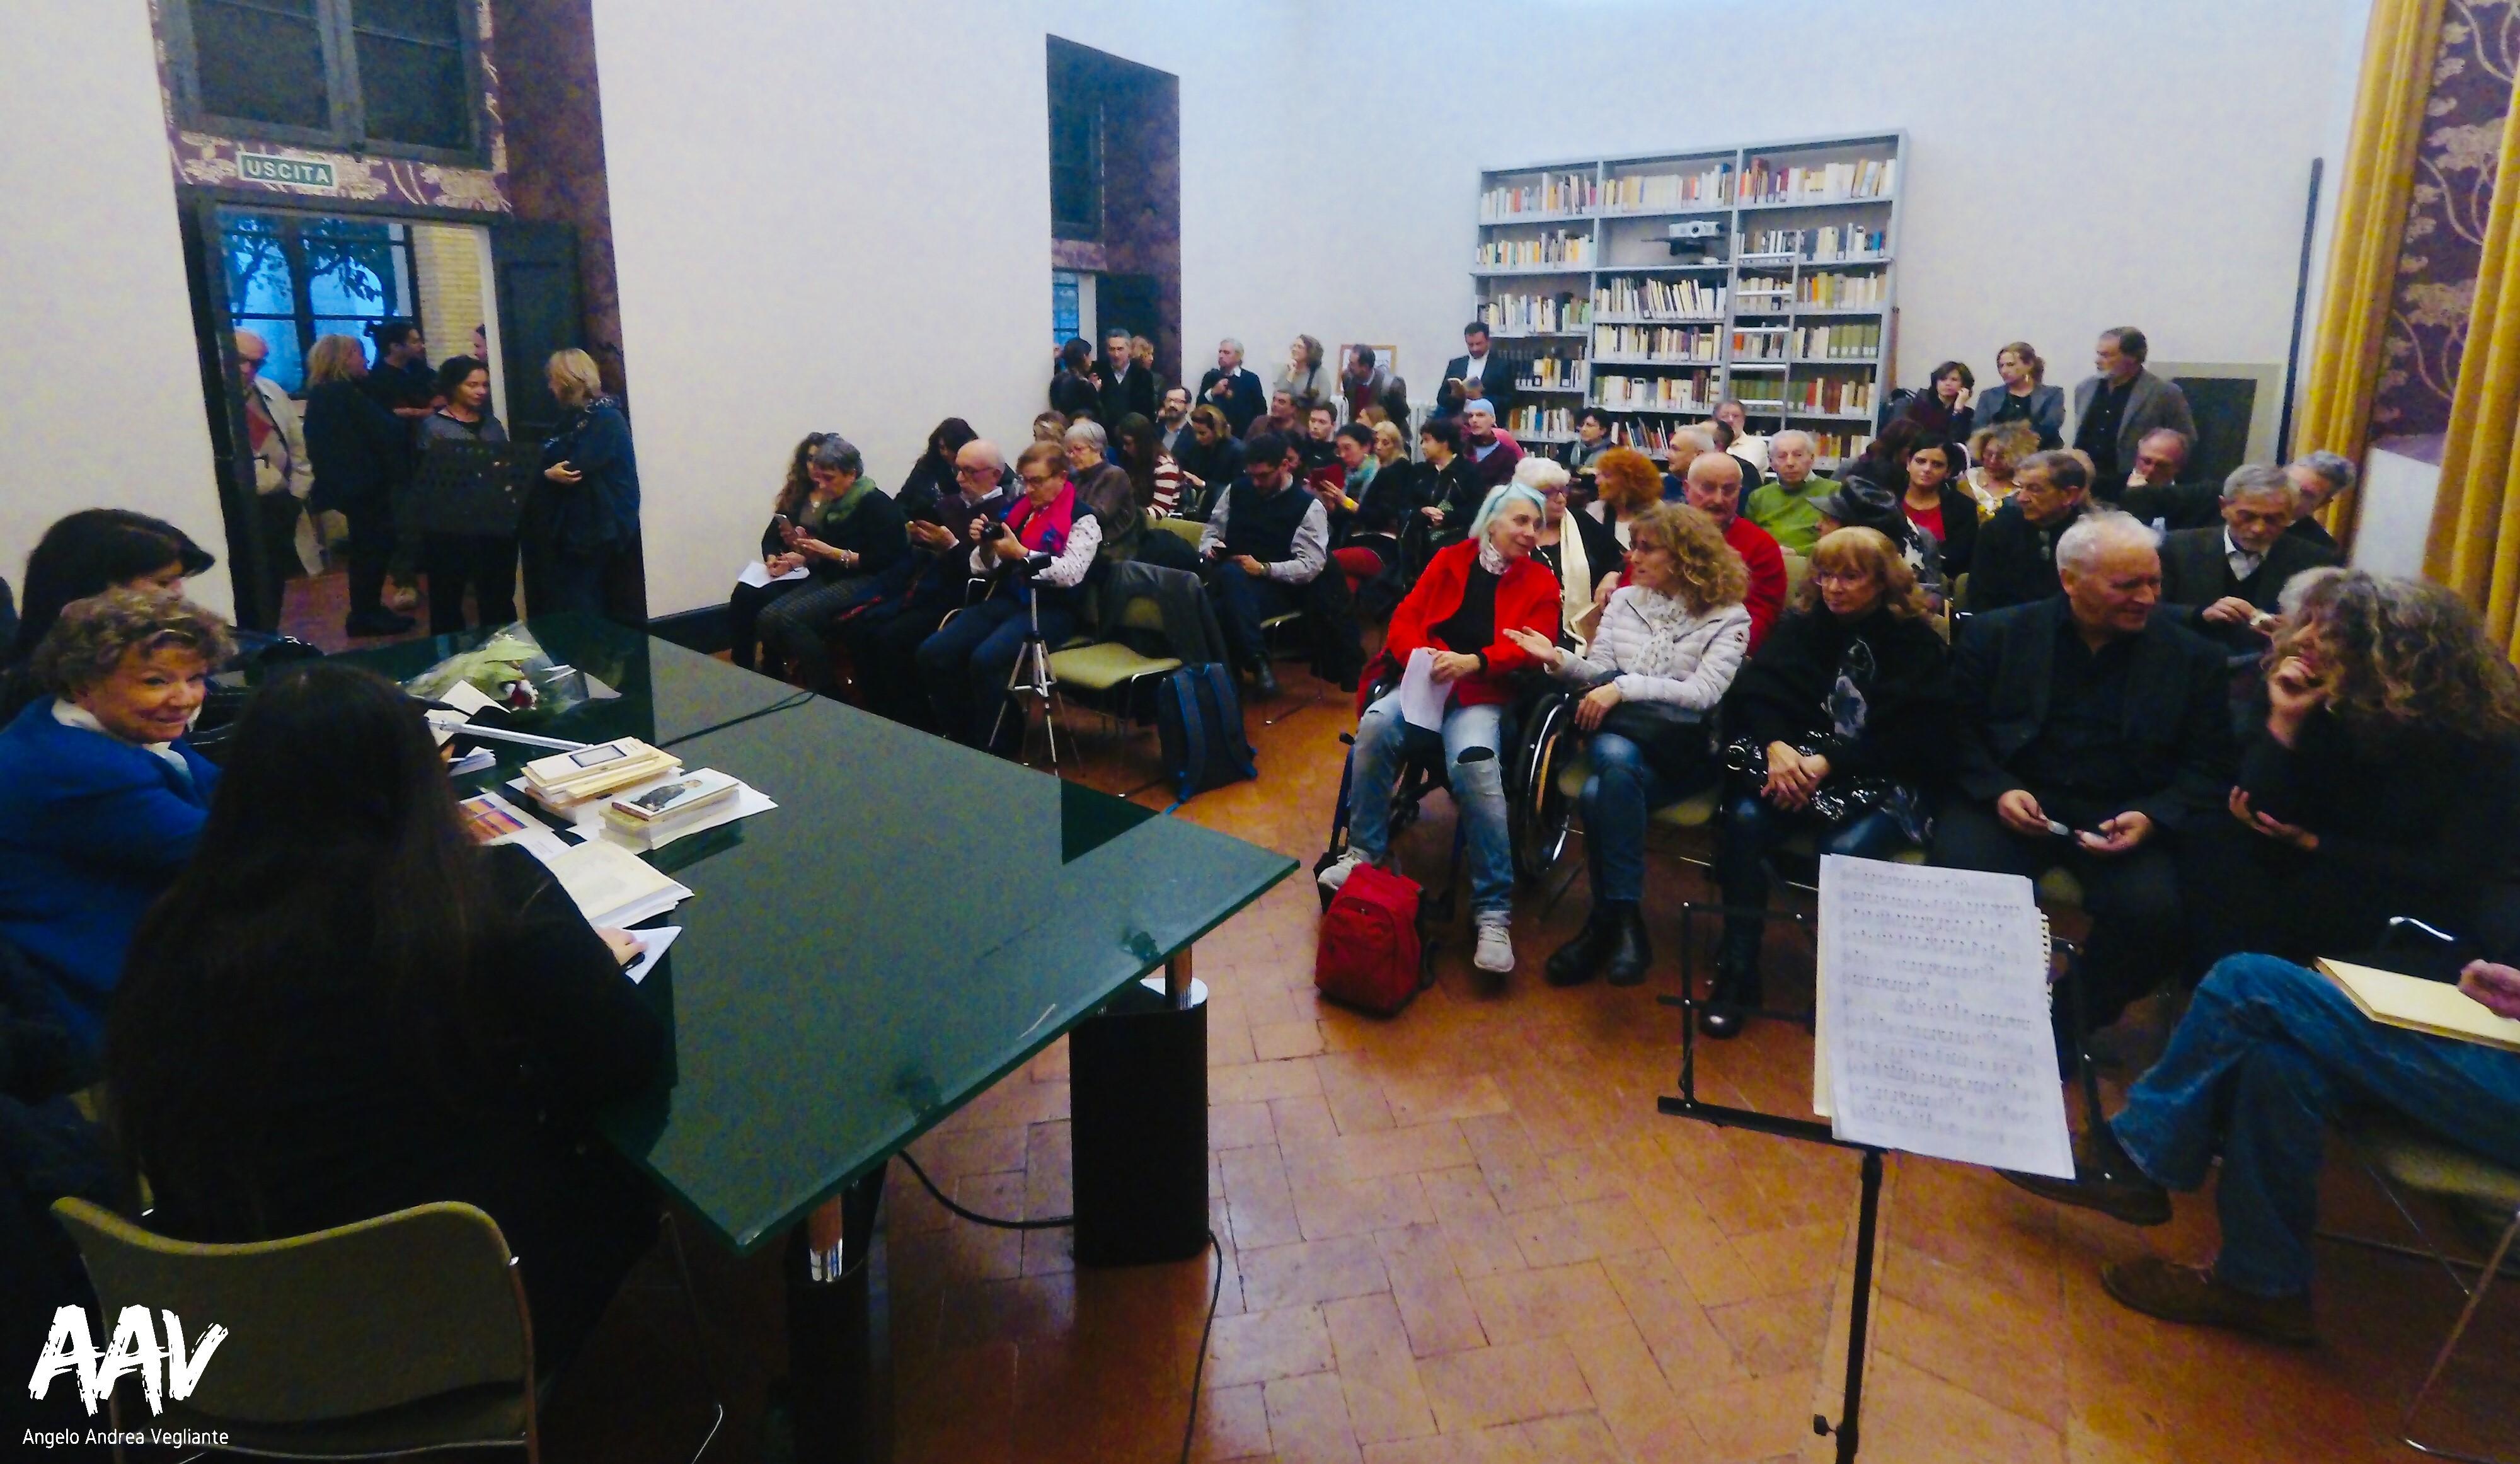 firmacopie-poesia-Dacia Maraini-angelo andrea vegliante-colui che veglia-colui che reporta-letteratura